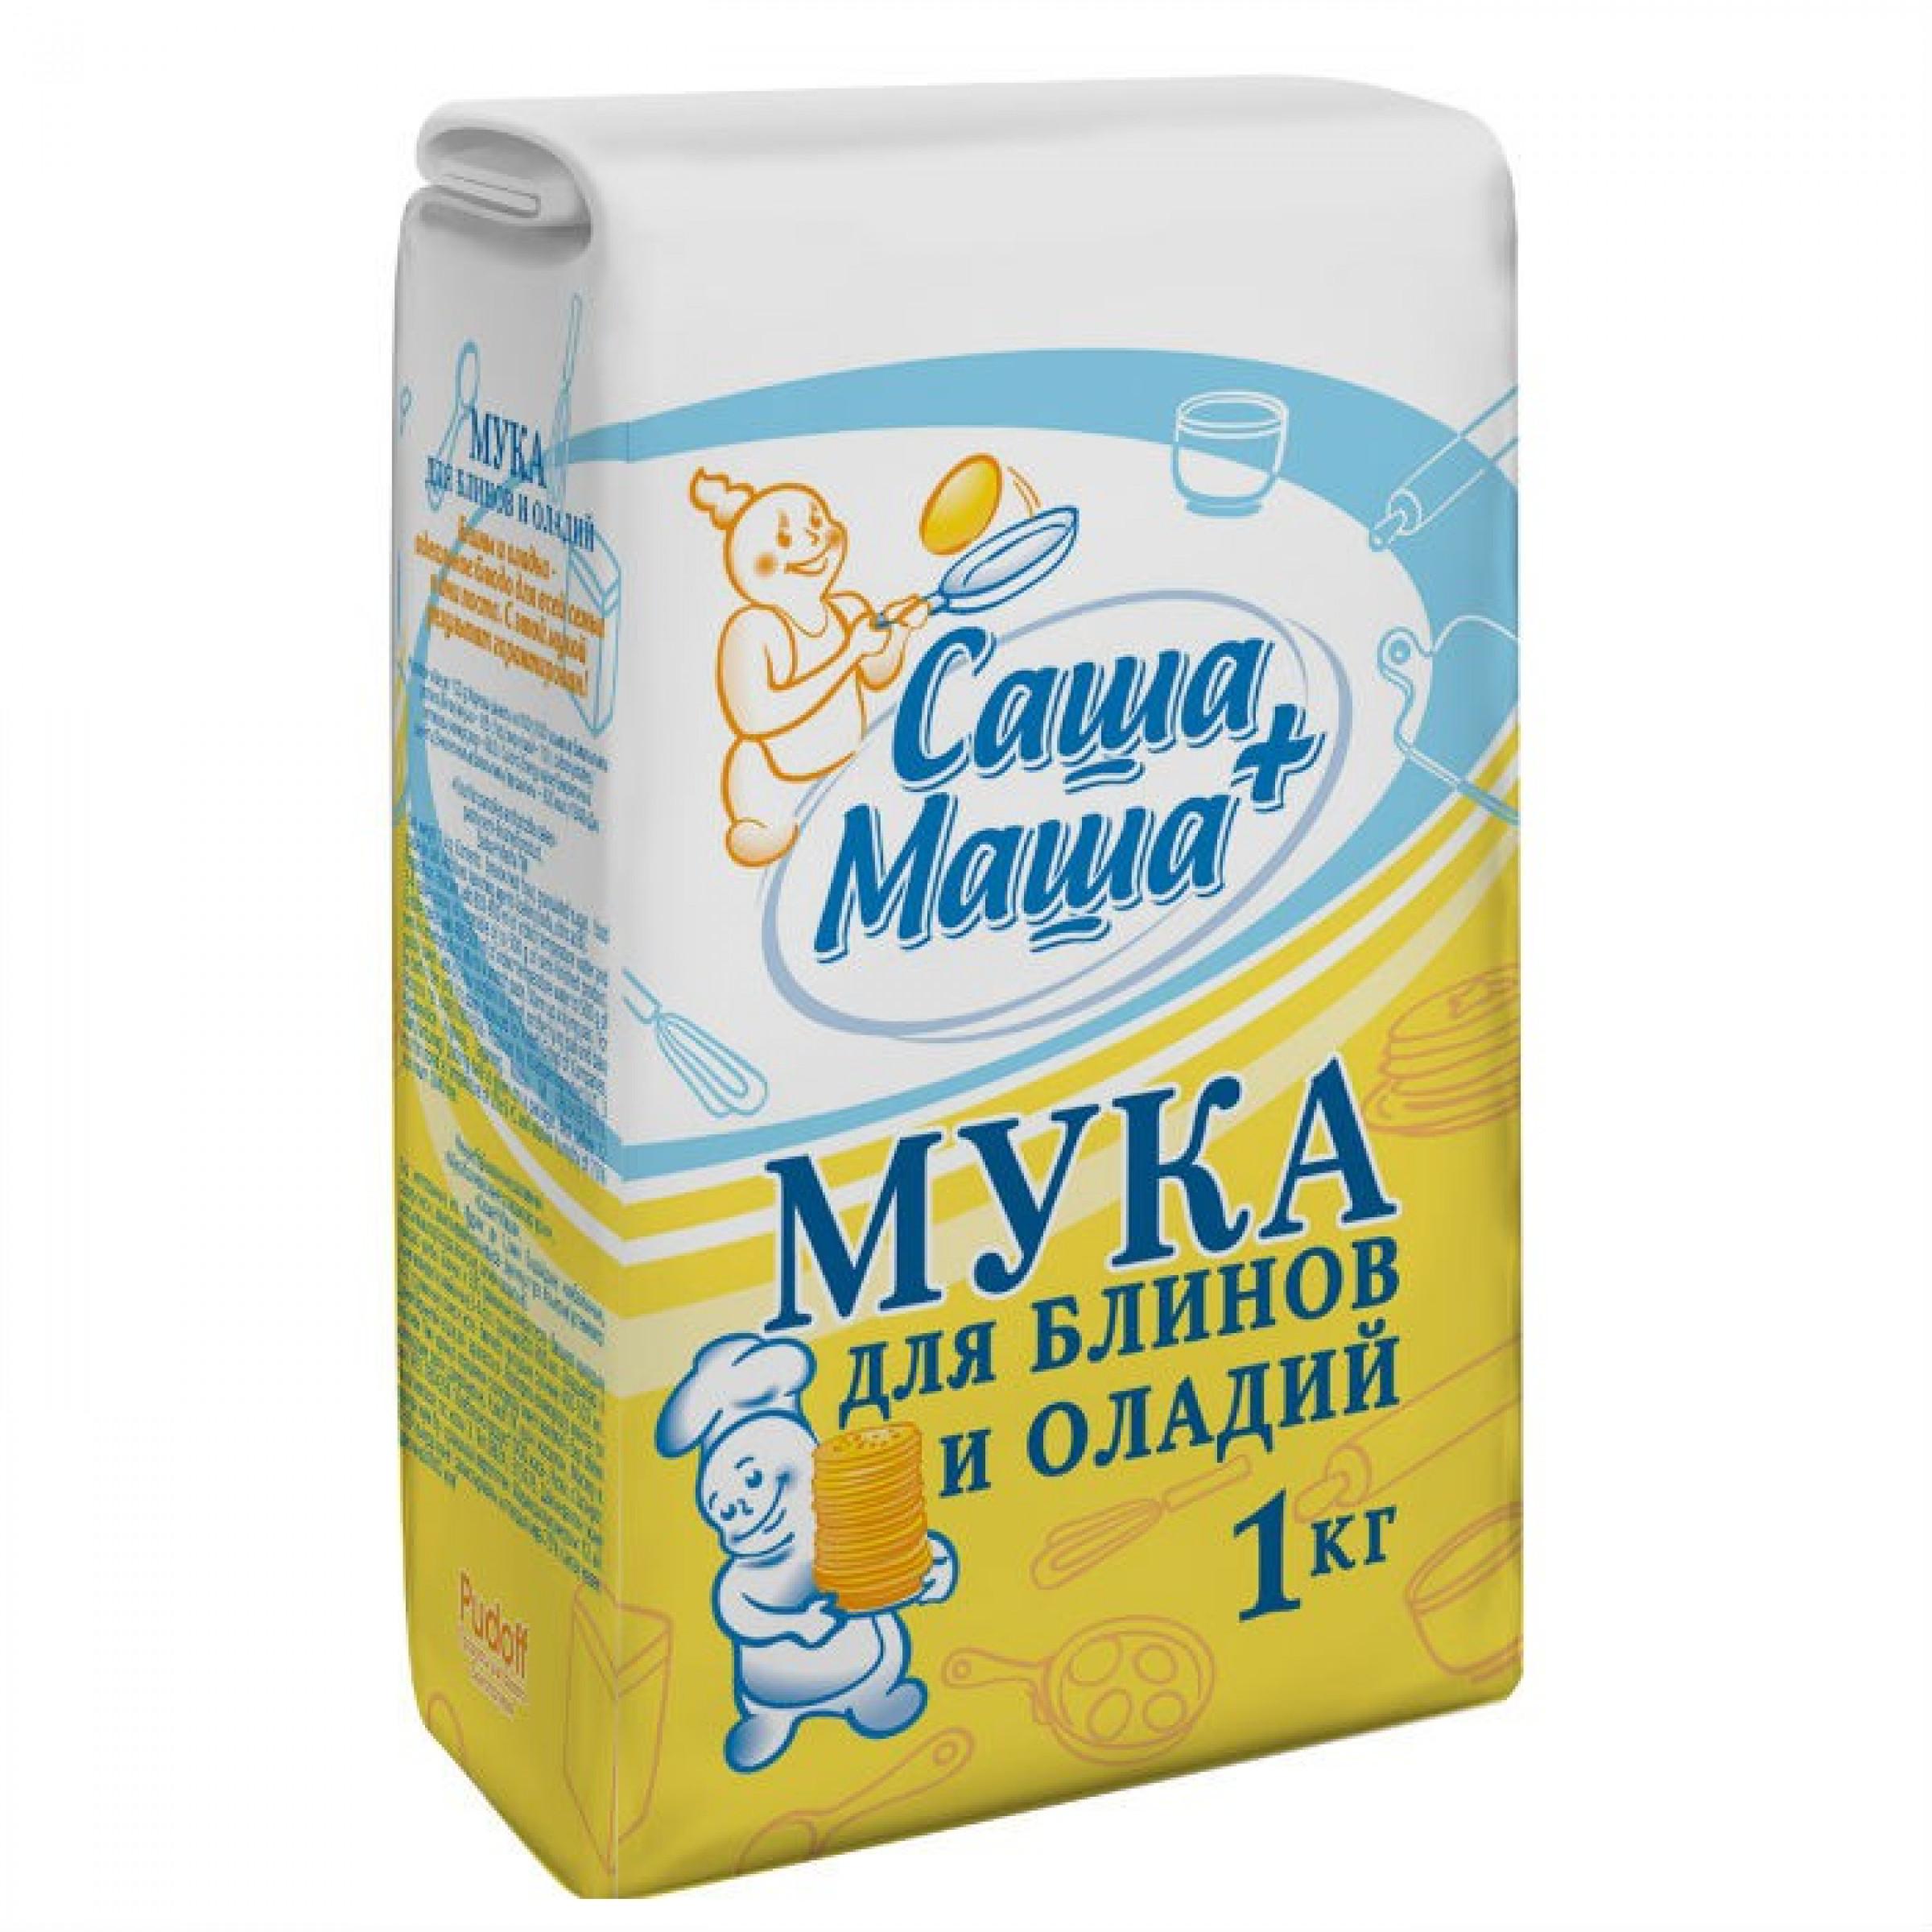 Мука для блинов и оладий Саша+Маша, 1 кг